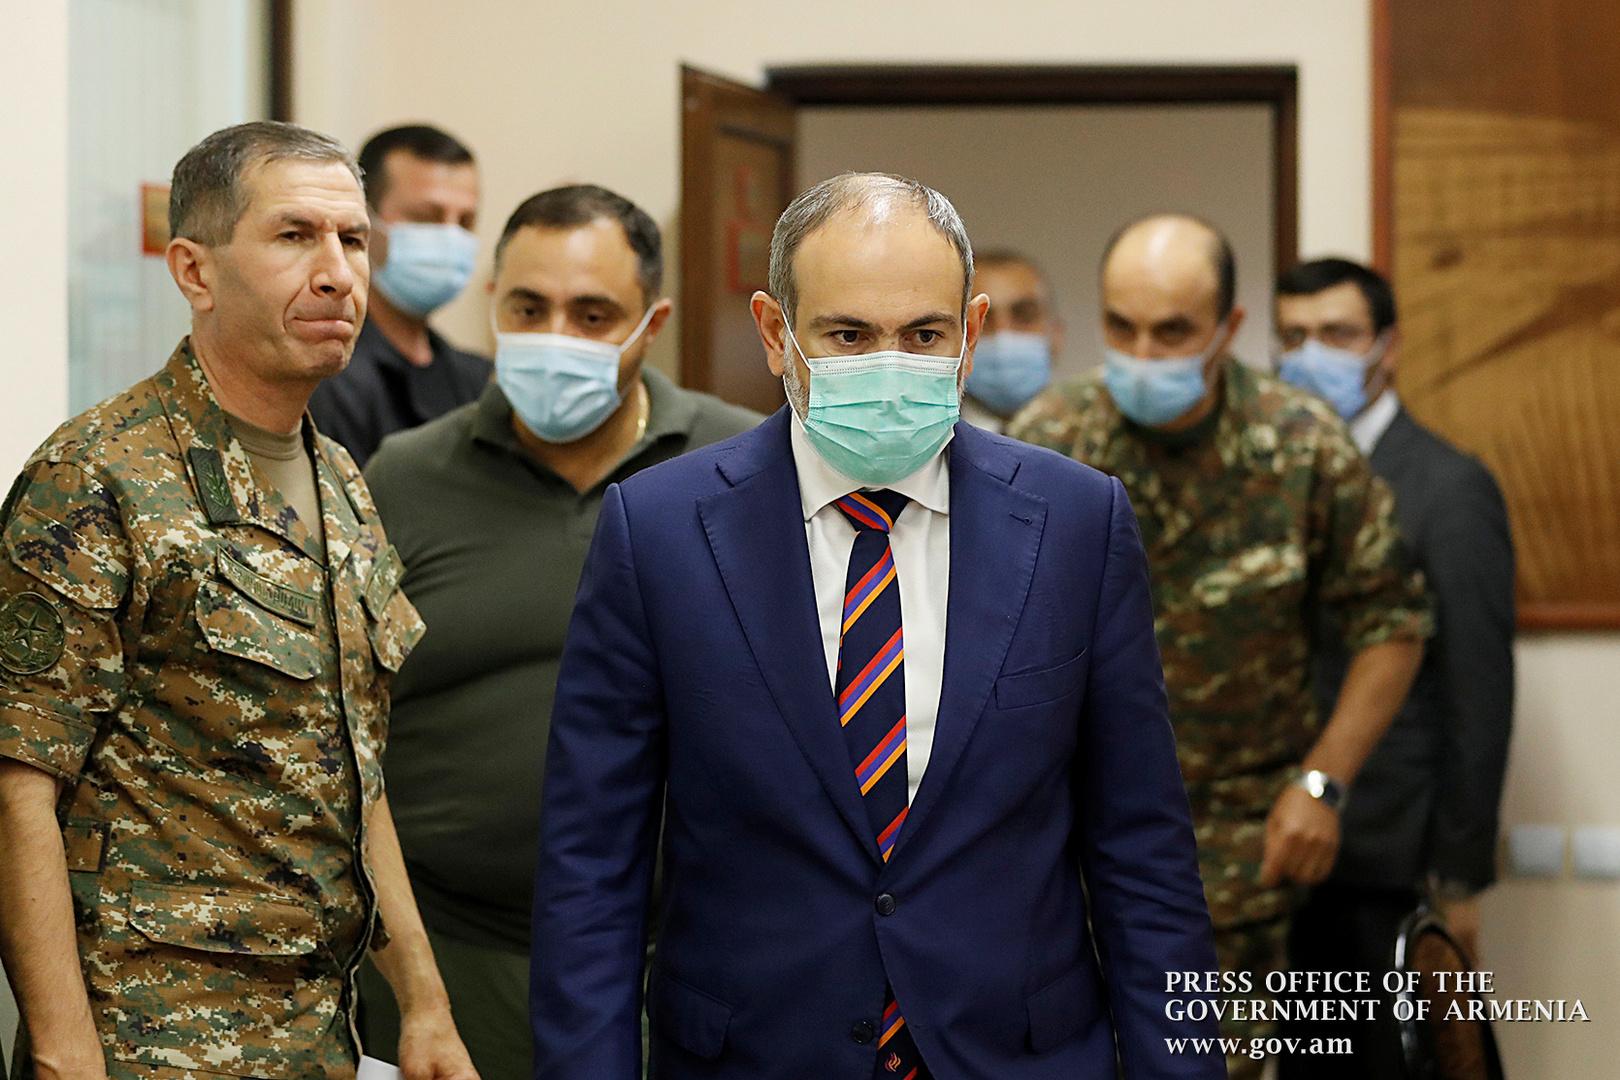 باشينيان: لا حل دبلوماسيا في قره باغ حاليا والأرمن سيقاتلون حتى النهاية